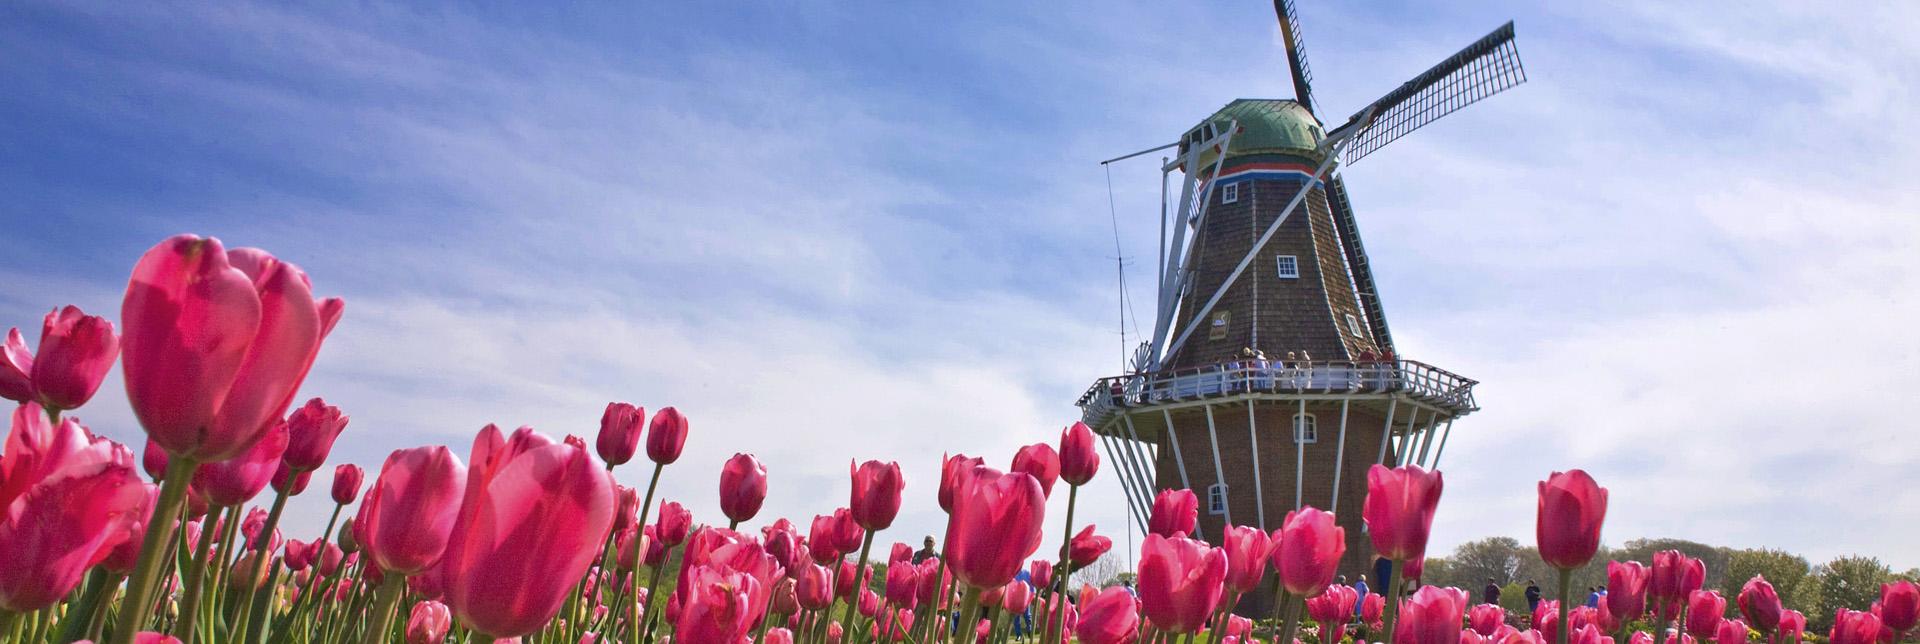 windmill-tulips-wallpaper2